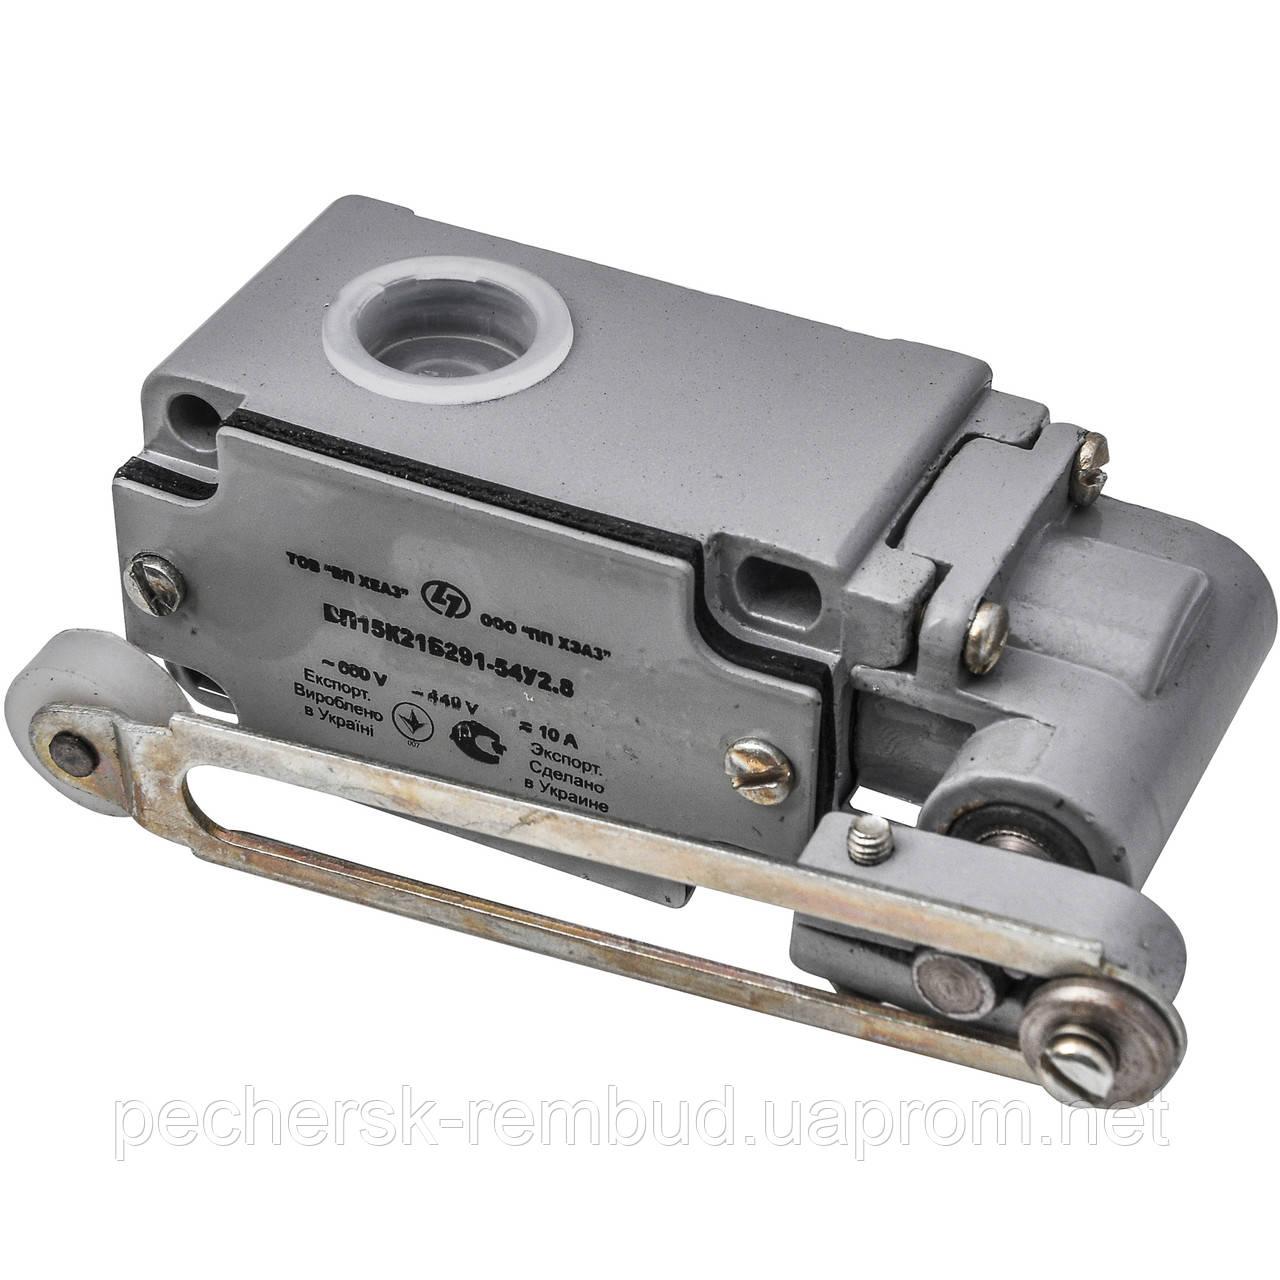 Выключатель путевой ВП15 К 21Б 291 -54У2.8